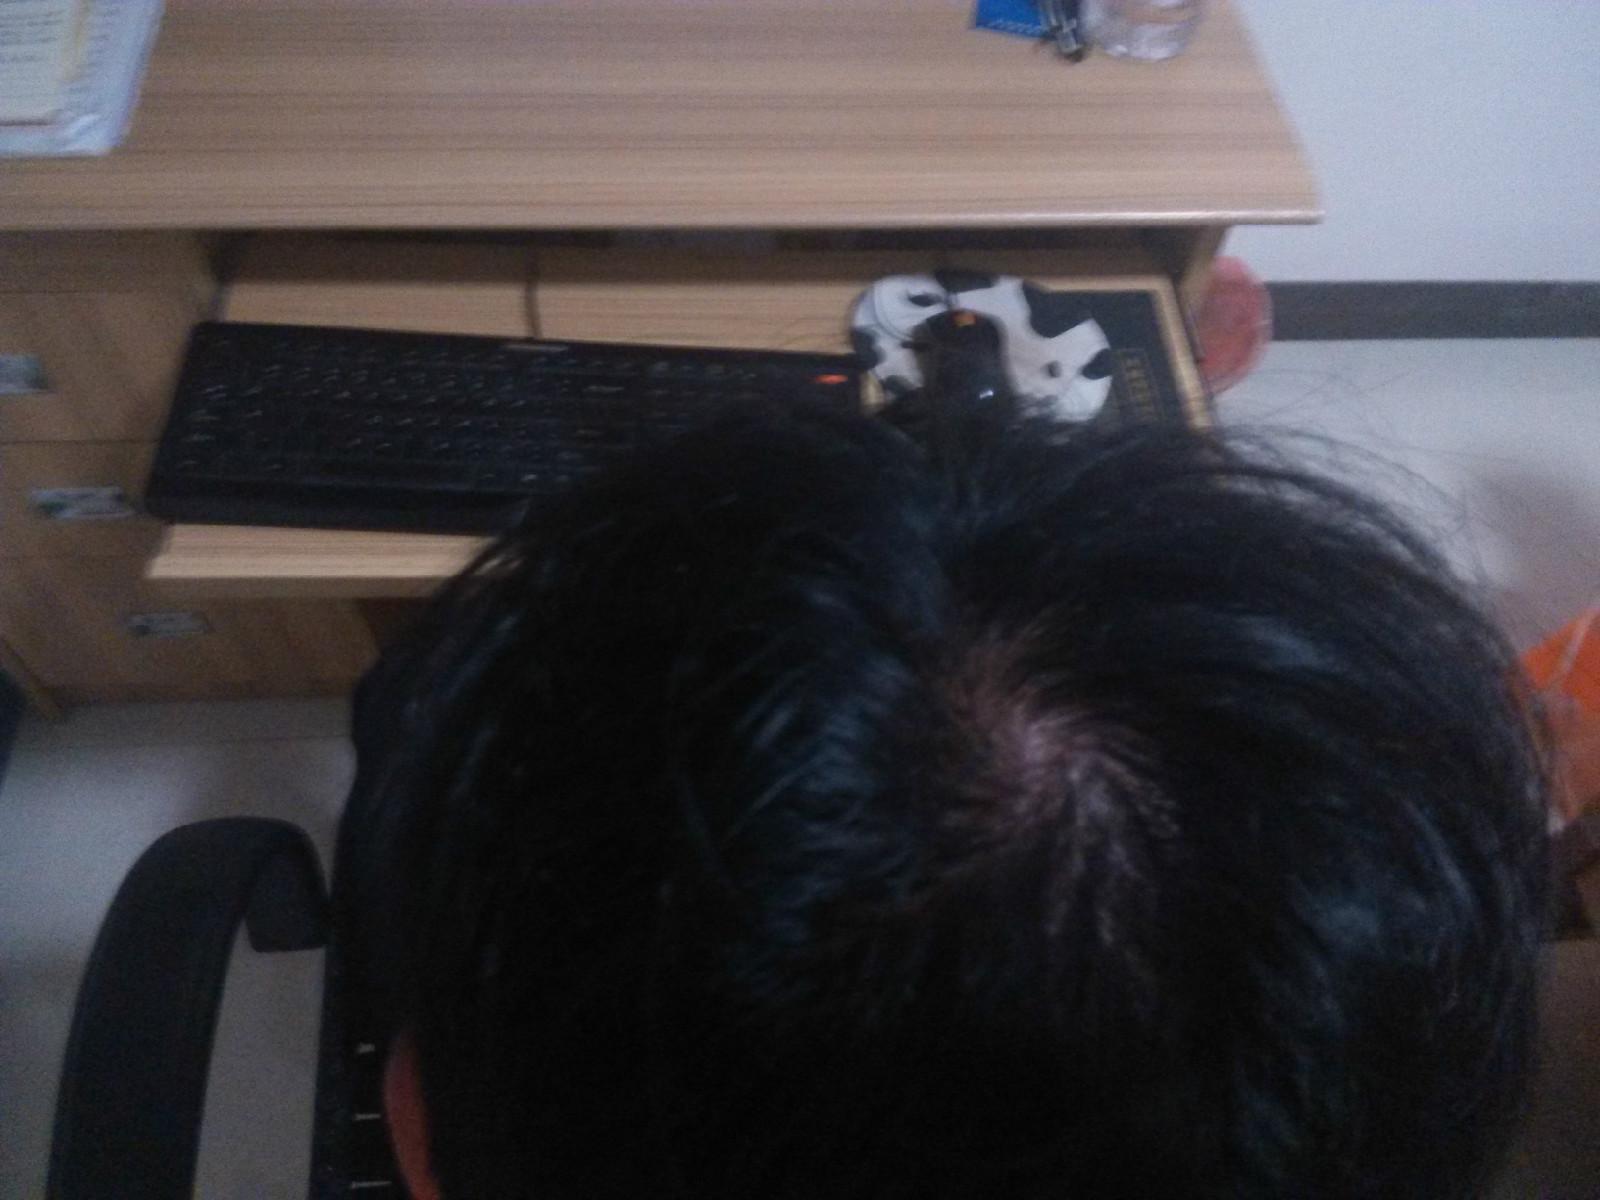 抓头发日什么感觉 男友抓着我的头发口